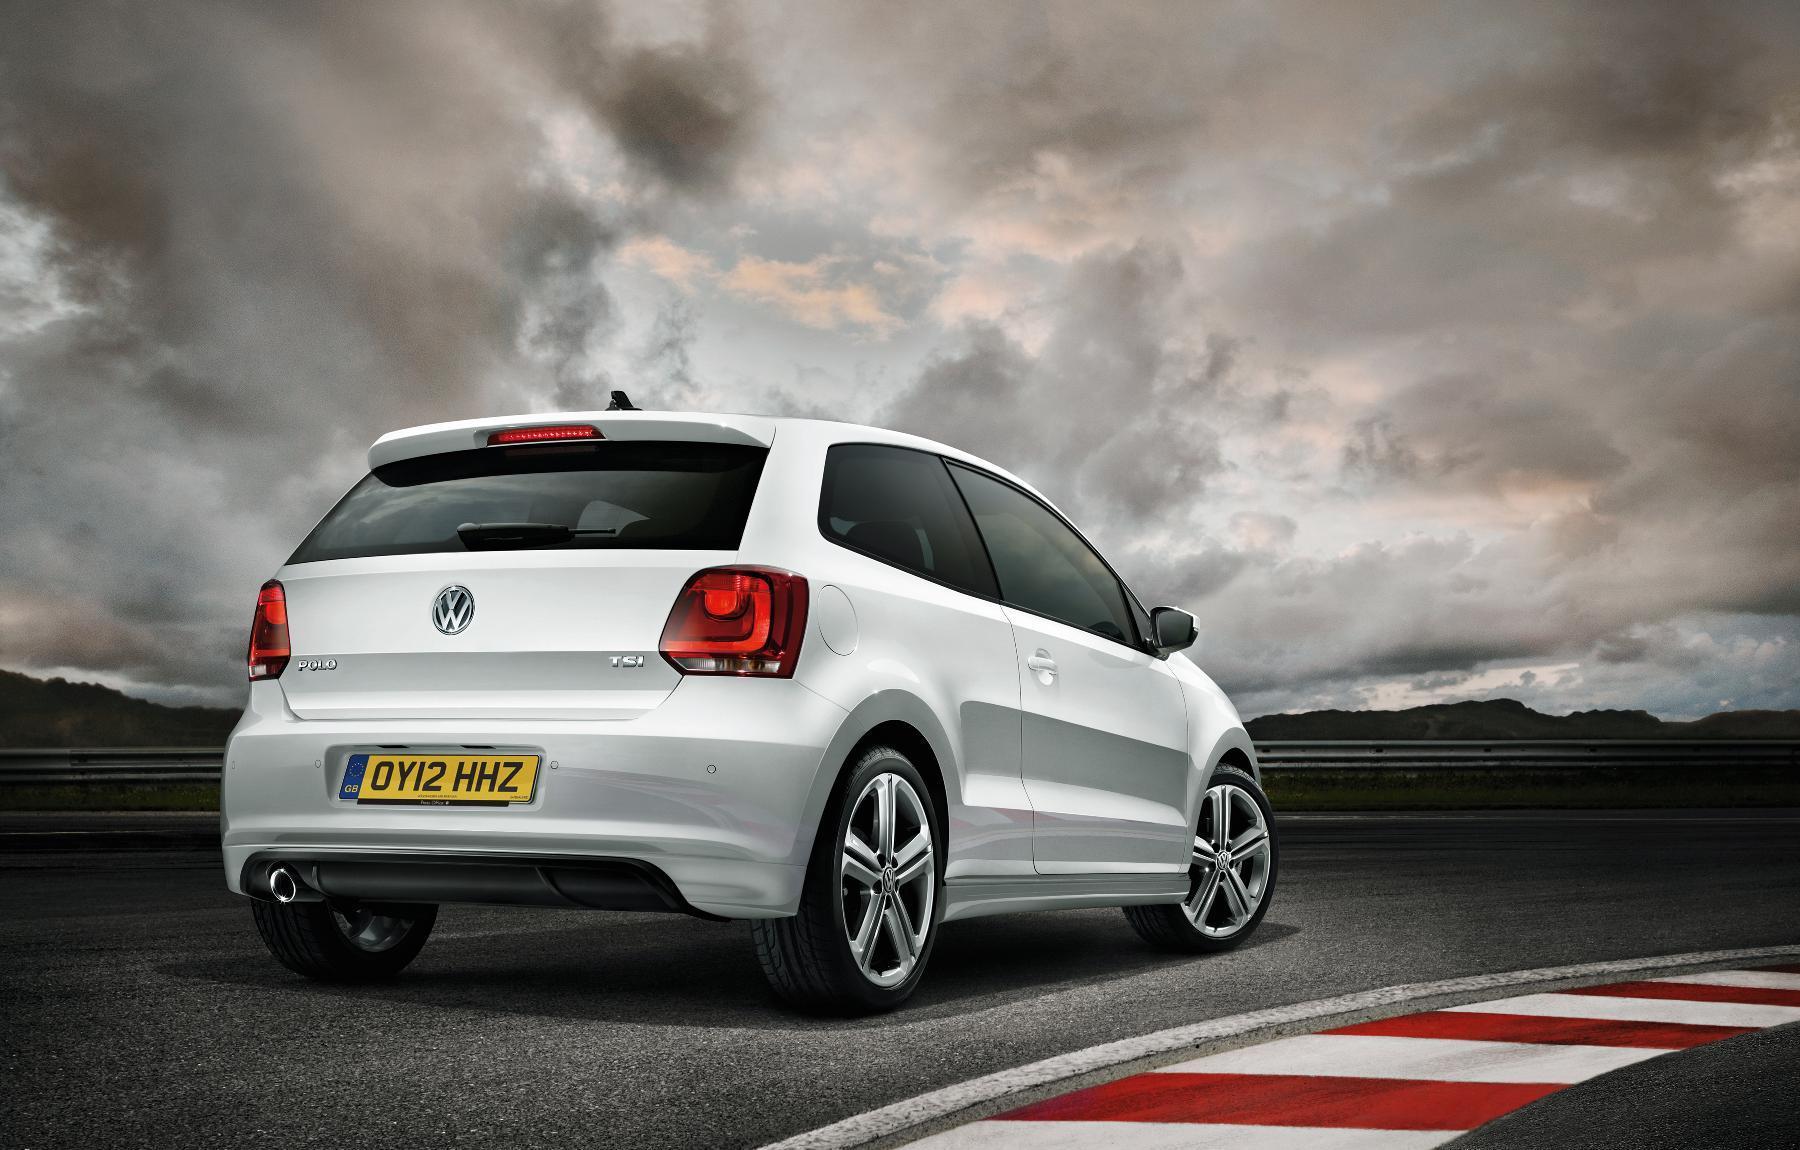 VW Polo R Rear